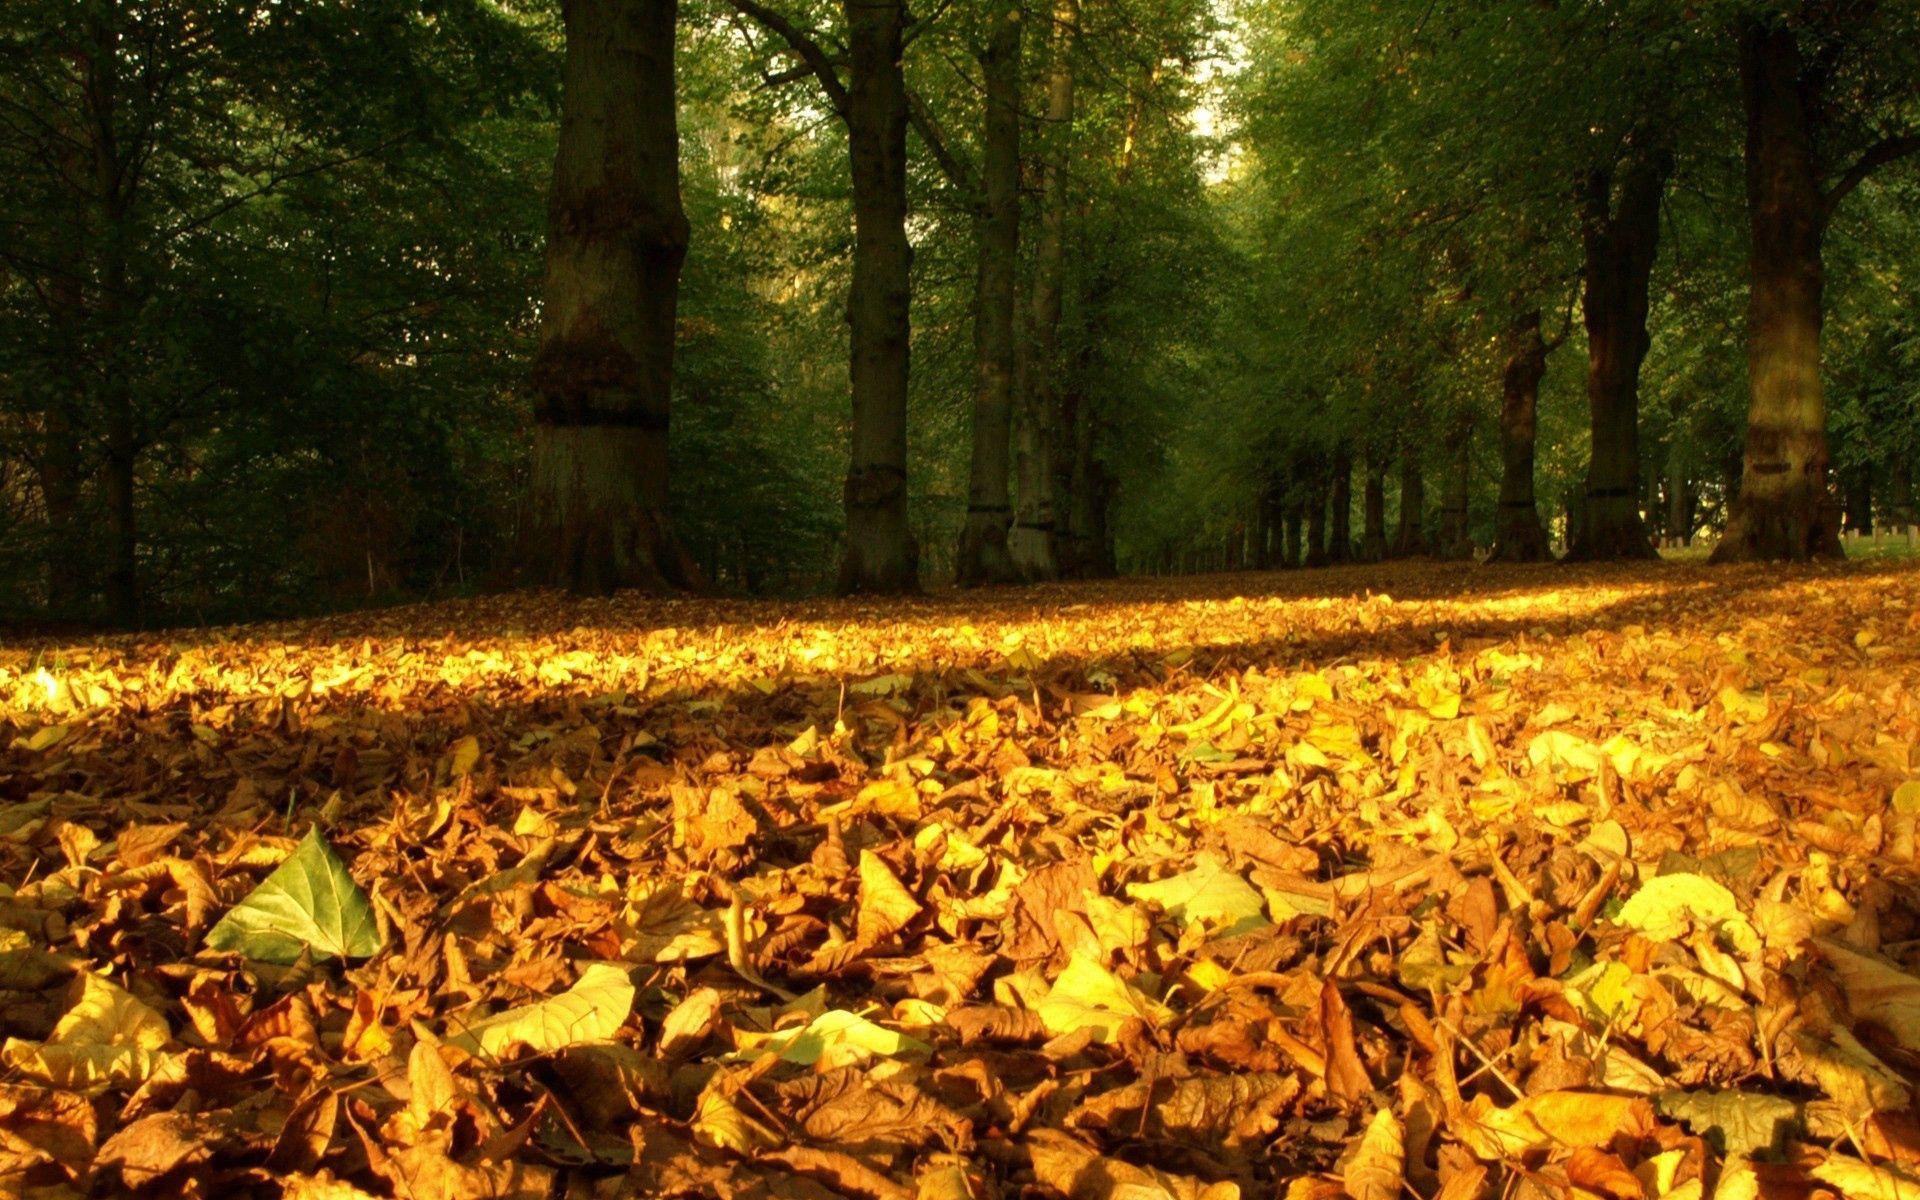 91065 скачать Желтые обои на телефон бесплатно, Природа, Деревья, Осень, Листья, Лес, Земля, Сухие Желтые картинки и заставки на мобильный